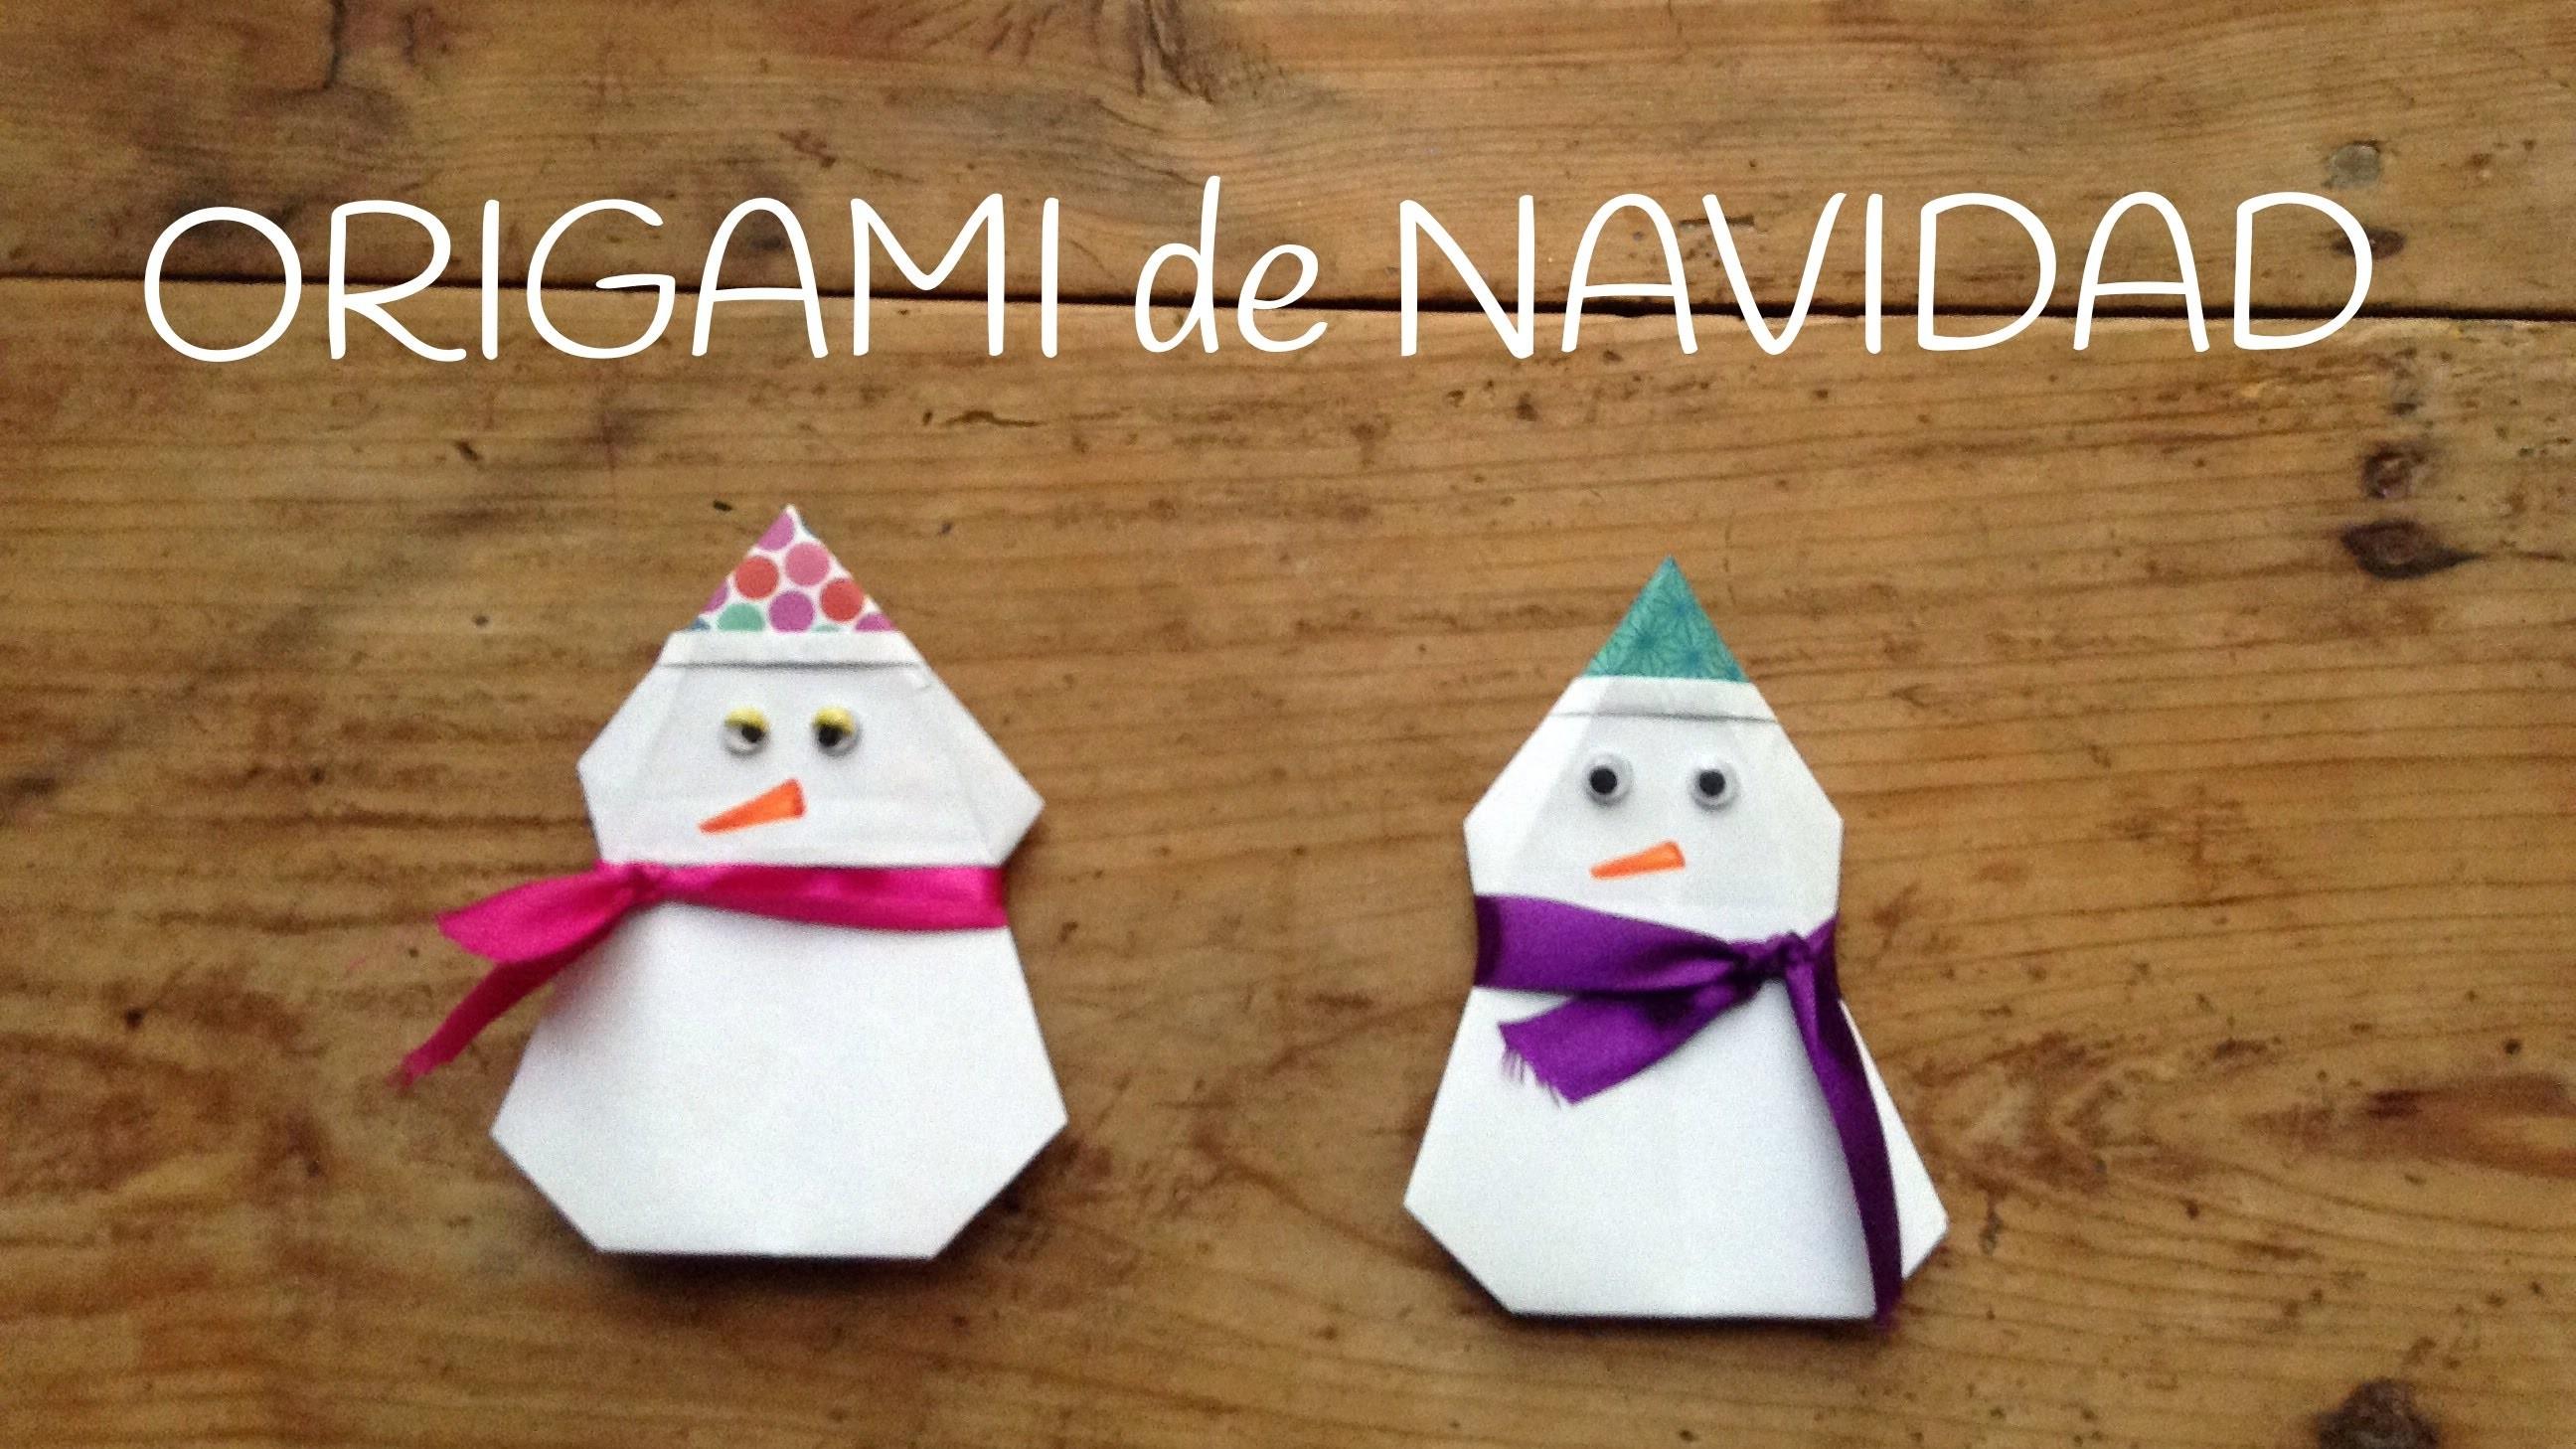 Origami fácil para niños: Muñeco de nieve - Manualidades Navideñas fáciles